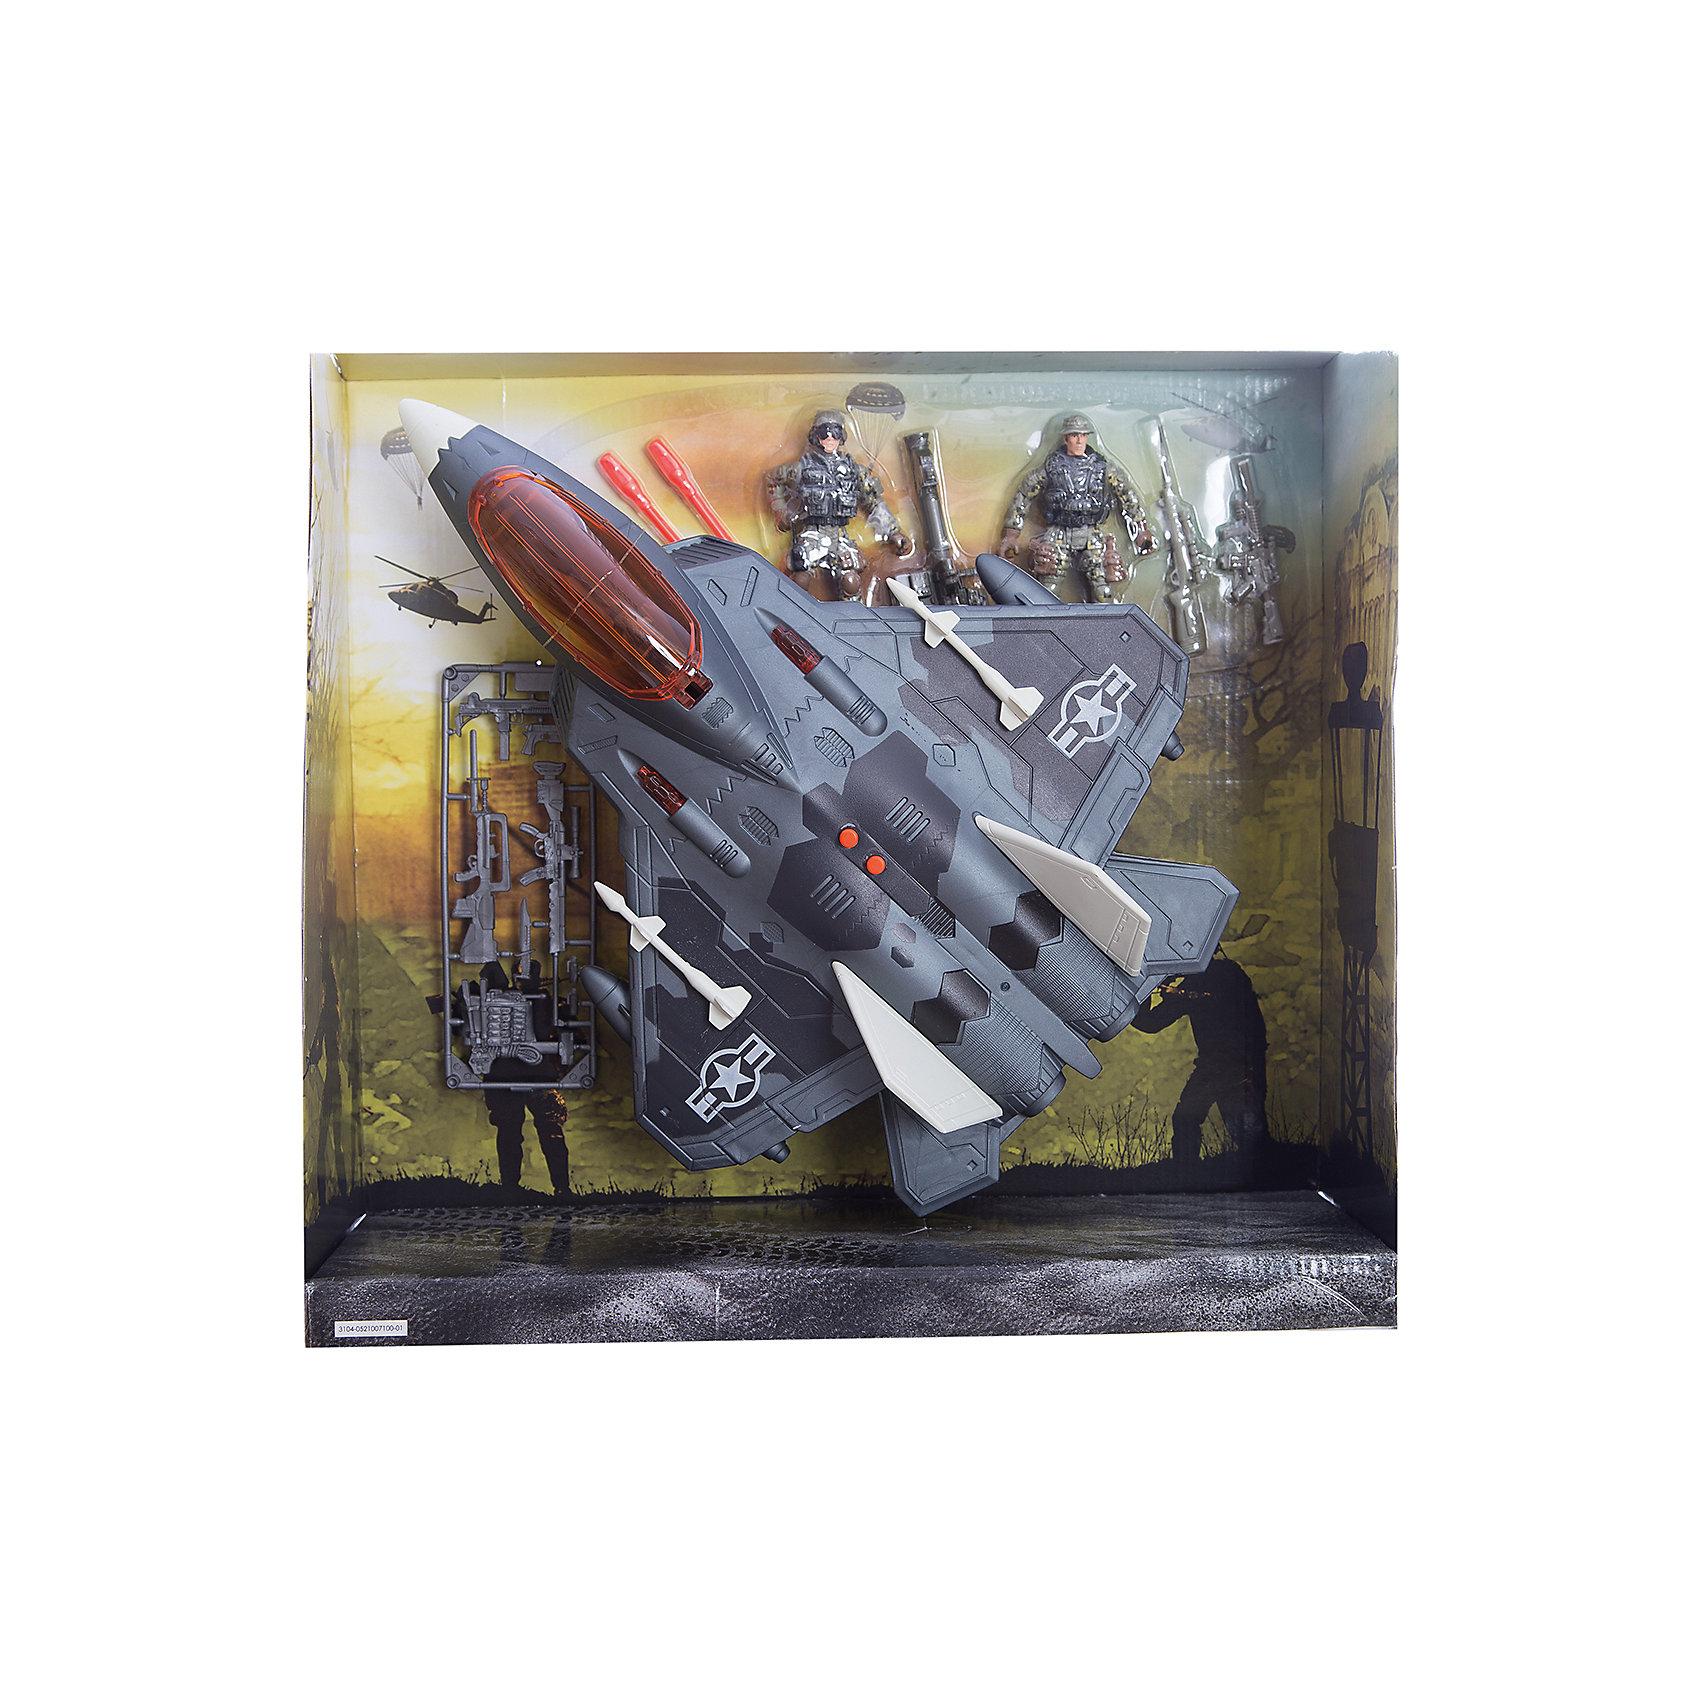 Игровой набор Фронтовой бомбардировщик, Chap MeiСолдатики и рыцари<br>Игровой набор Фронтовой бомбардировщик, Chap Mei.<br><br>Характеристики:<br><br>- цвет: разноцветный;<br>- материал: пластик, металл;<br>- работает на батарейках 3 x AG13;<br>- особенности: стреляет ракетами, световые и звуковые эффекты;<br>- вес: 1110 г;<br>- функция трай-ми;<br>- упаковка: коробка;<br>- размер упаковки: 41x13x38 см.<br><br>Игровой набор Фронтовой бомбардировщик, Chap Mei поможет ребенку погрузиться в увлекательный мир боевой техники и секретных спецопераций. В наборе есть фигурки вооруженных солдат, бомбардировщик со световыми и звуковыми эффектами, оснащенный пусковой установкой, которая вращается и стреляет ракетами. Все элементы набора изготовлены из качественного пластика и тщательно детализированы. Игровой набор способствует развитию у ребенка воображения, внимания и мелкой моторики.<br><br>Игровой набор Фронтовой бомбардировщик, Chap Mei можно купить в нашем интернет-магазине.<br><br>Ширина мм: 41<br>Глубина мм: 12<br>Высота мм: 38<br>Вес г: 1110<br>Возраст от месяцев: 36<br>Возраст до месяцев: 2147483647<br>Пол: Мужской<br>Возраст: Детский<br>SKU: 5055438